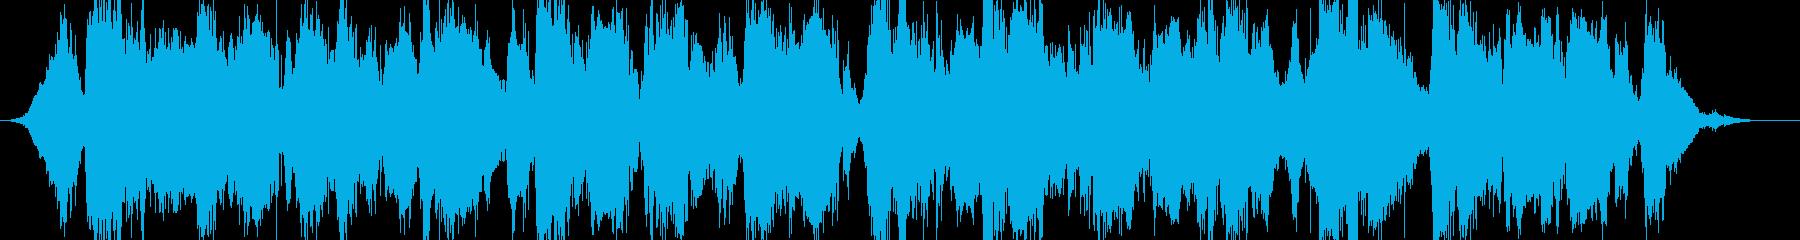 ホラーサスペンスのようなBGMの再生済みの波形